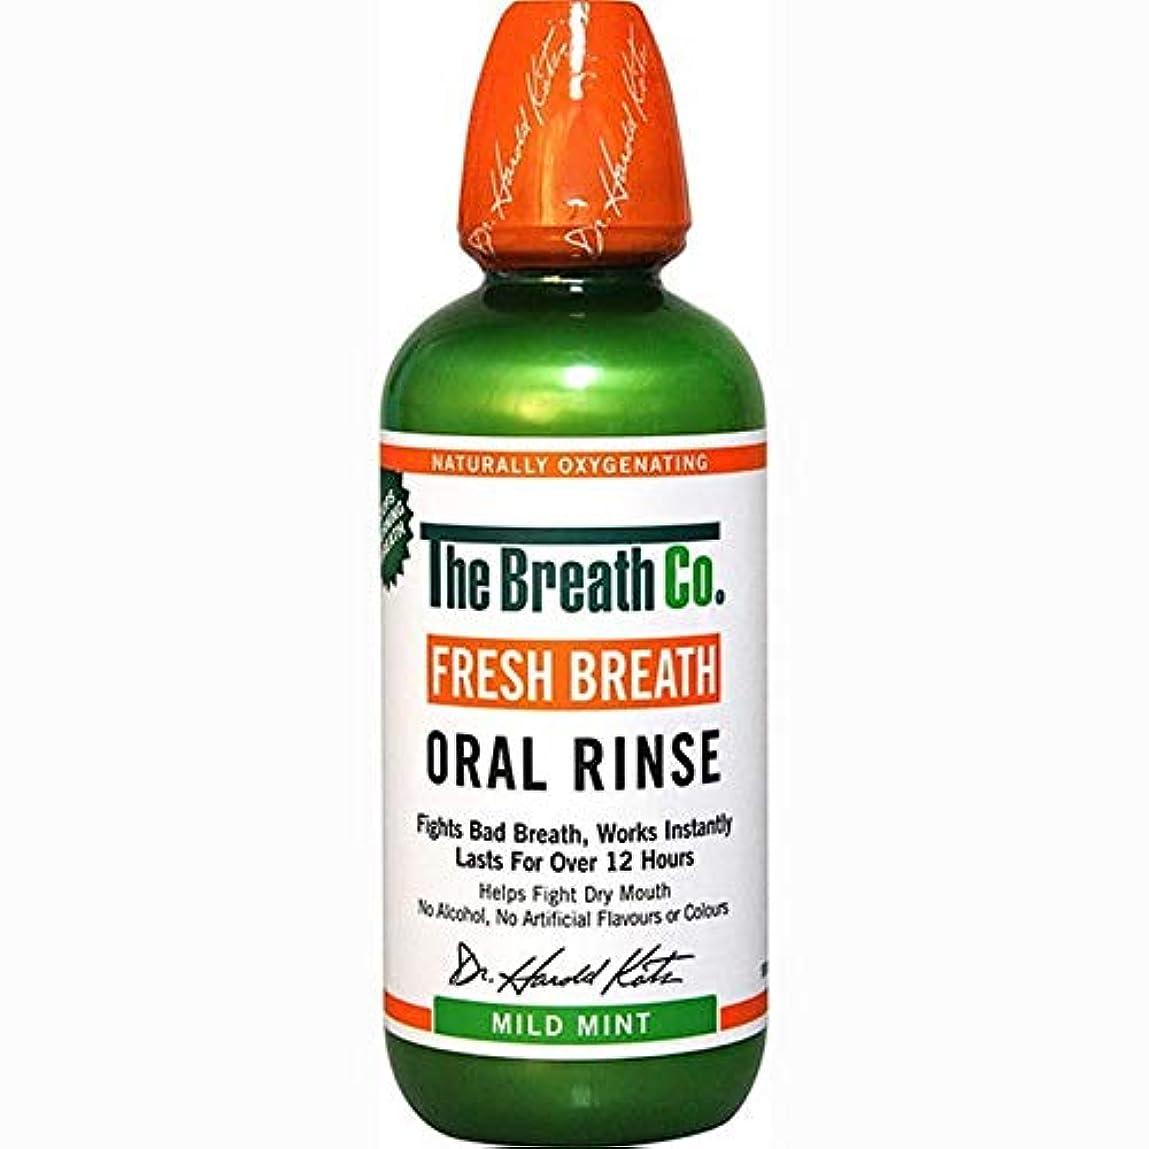 まあ聞くリスナー[The Breath Co] 息のCo新鮮な息口腔リンスマイルドミント500ミリリットル - The Breath Co Fresh Breath Oral Rinse Mild Mint 500ml [並行輸入品]